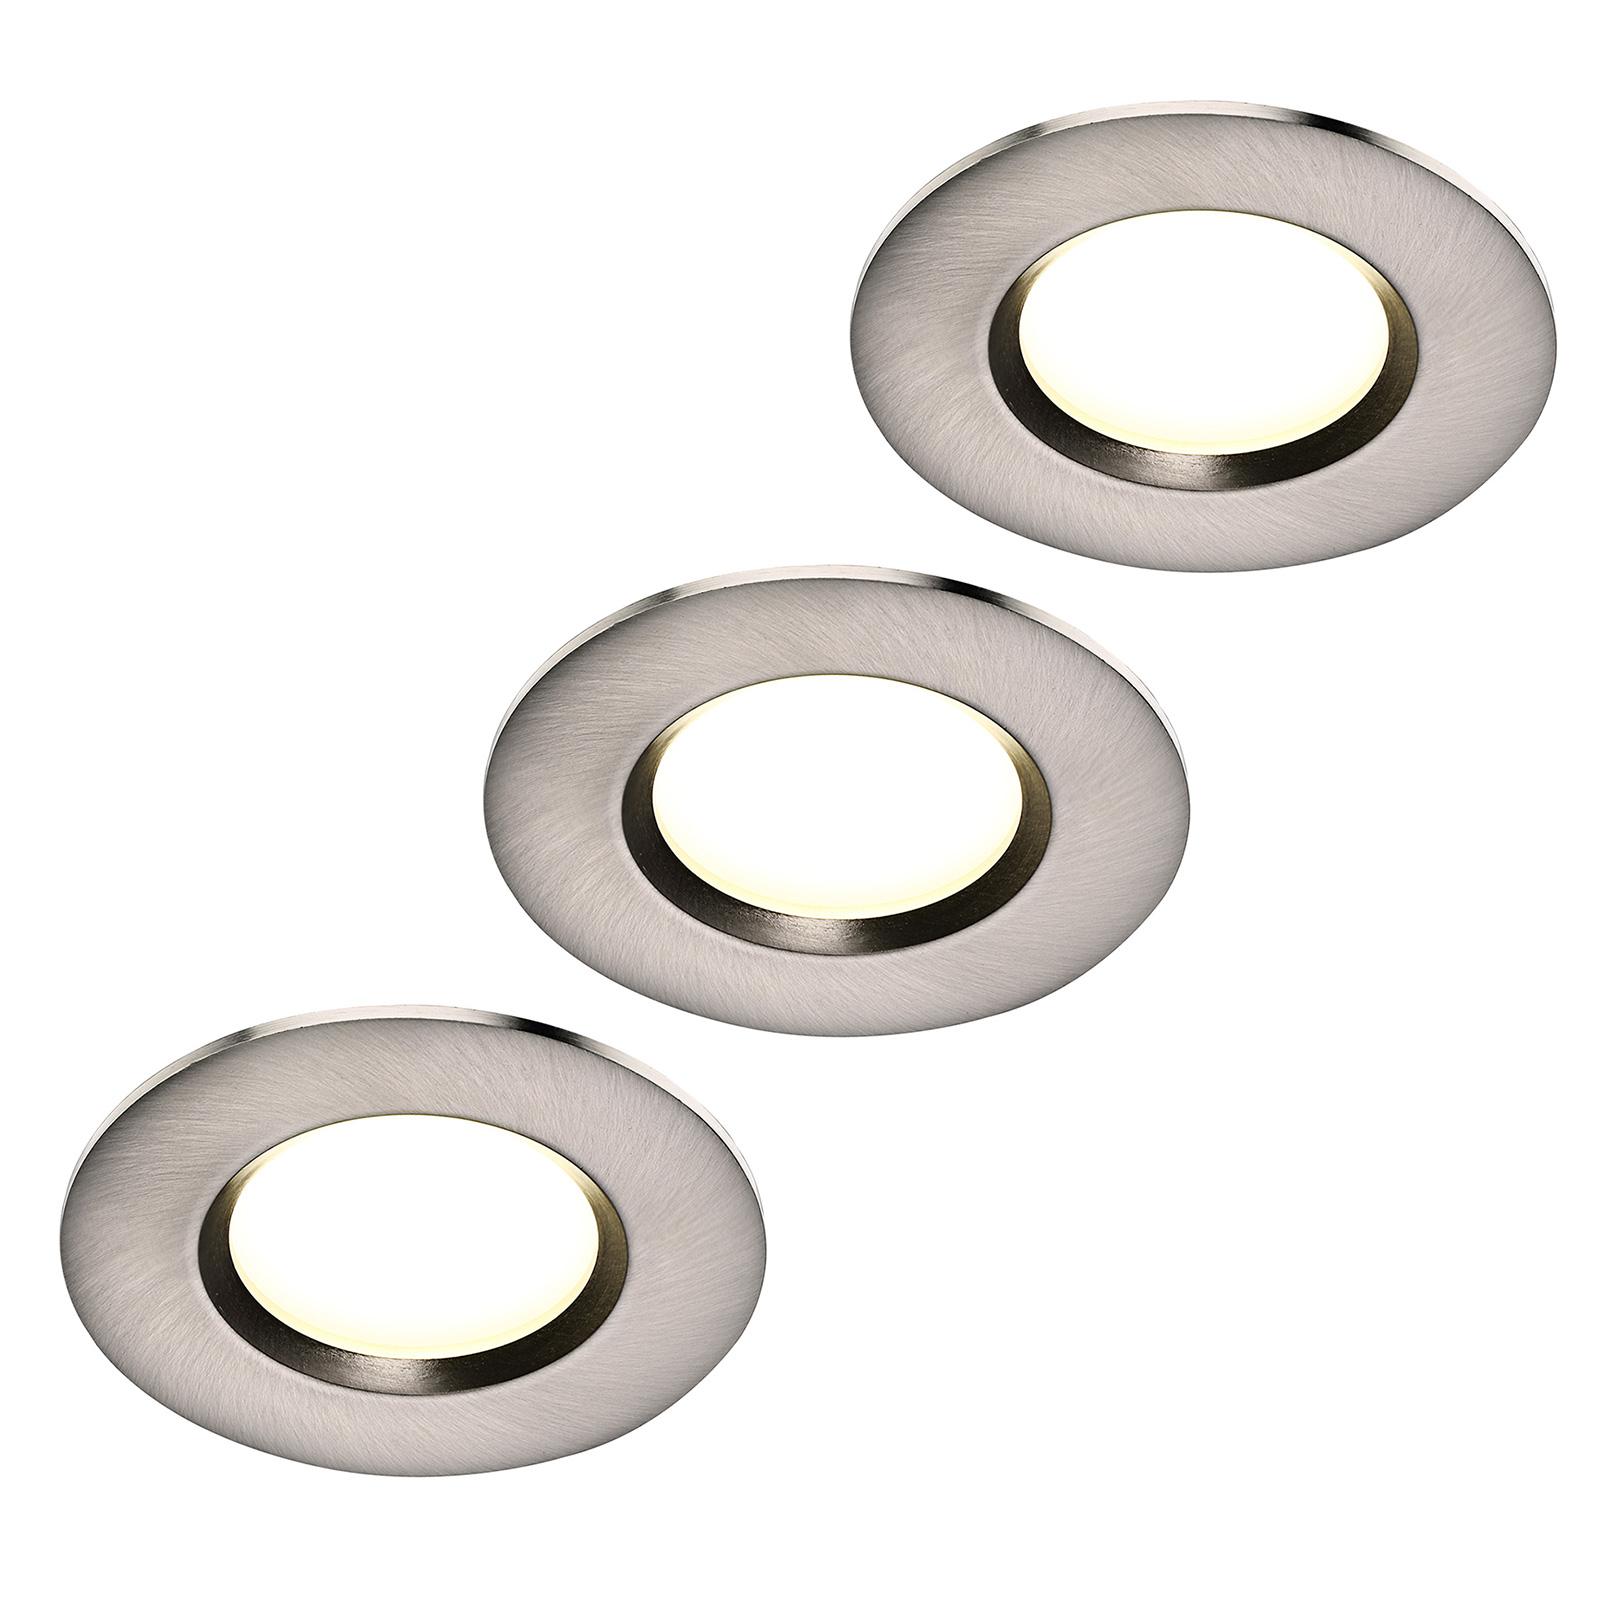 LED-uppovalaisin Clarkson 3 kpl, pyöreä, teräs